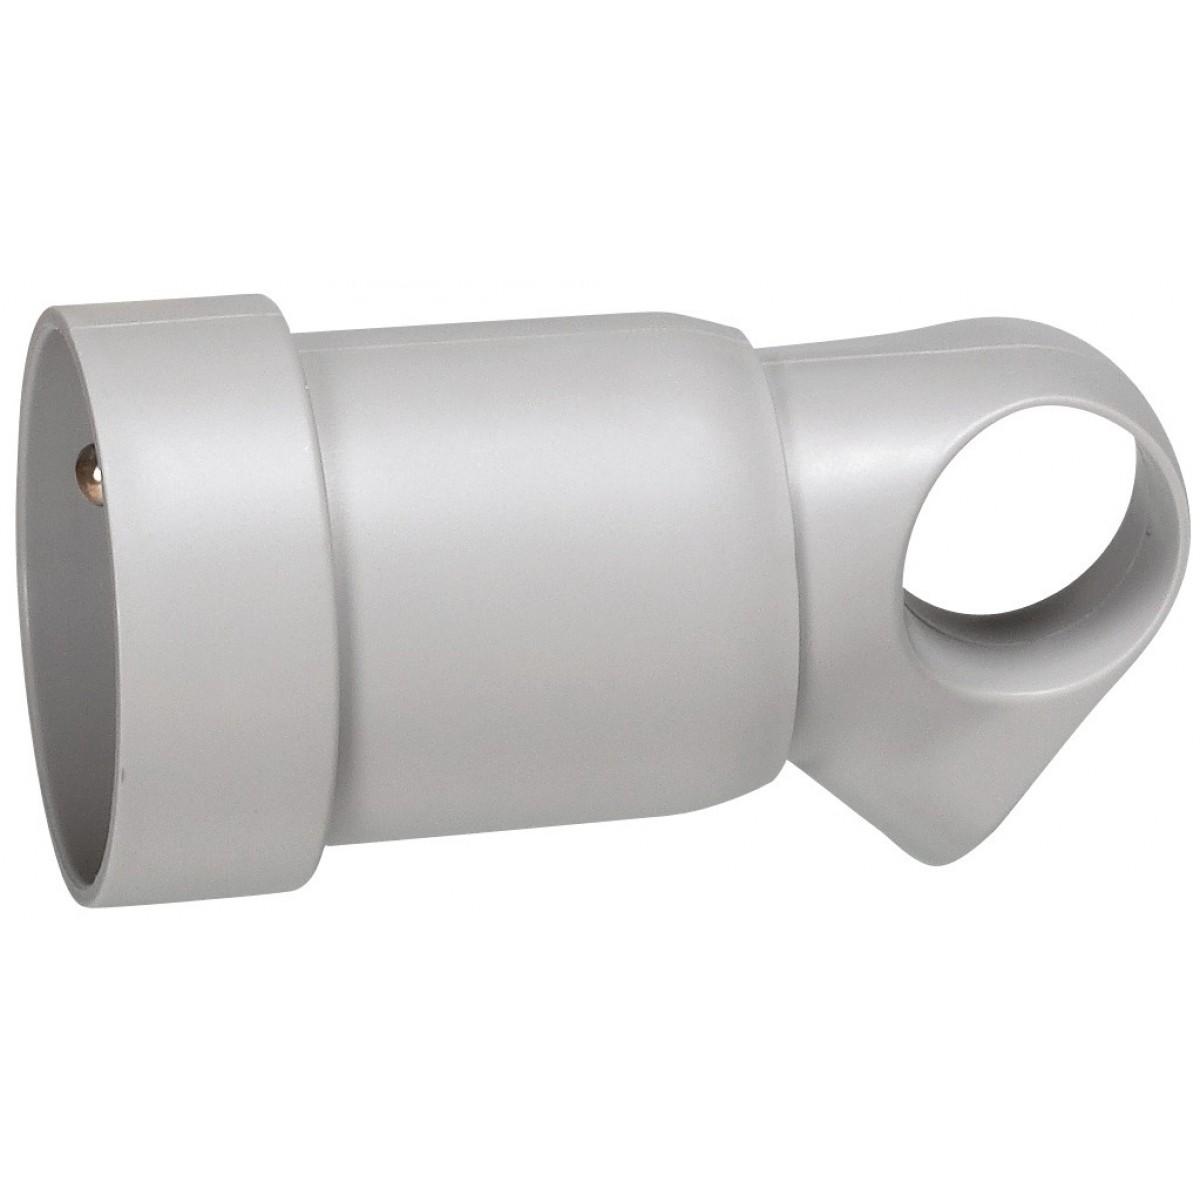 Fiche plastique avec anneau 2P+T 16 A Legrand - Femelle - Gris